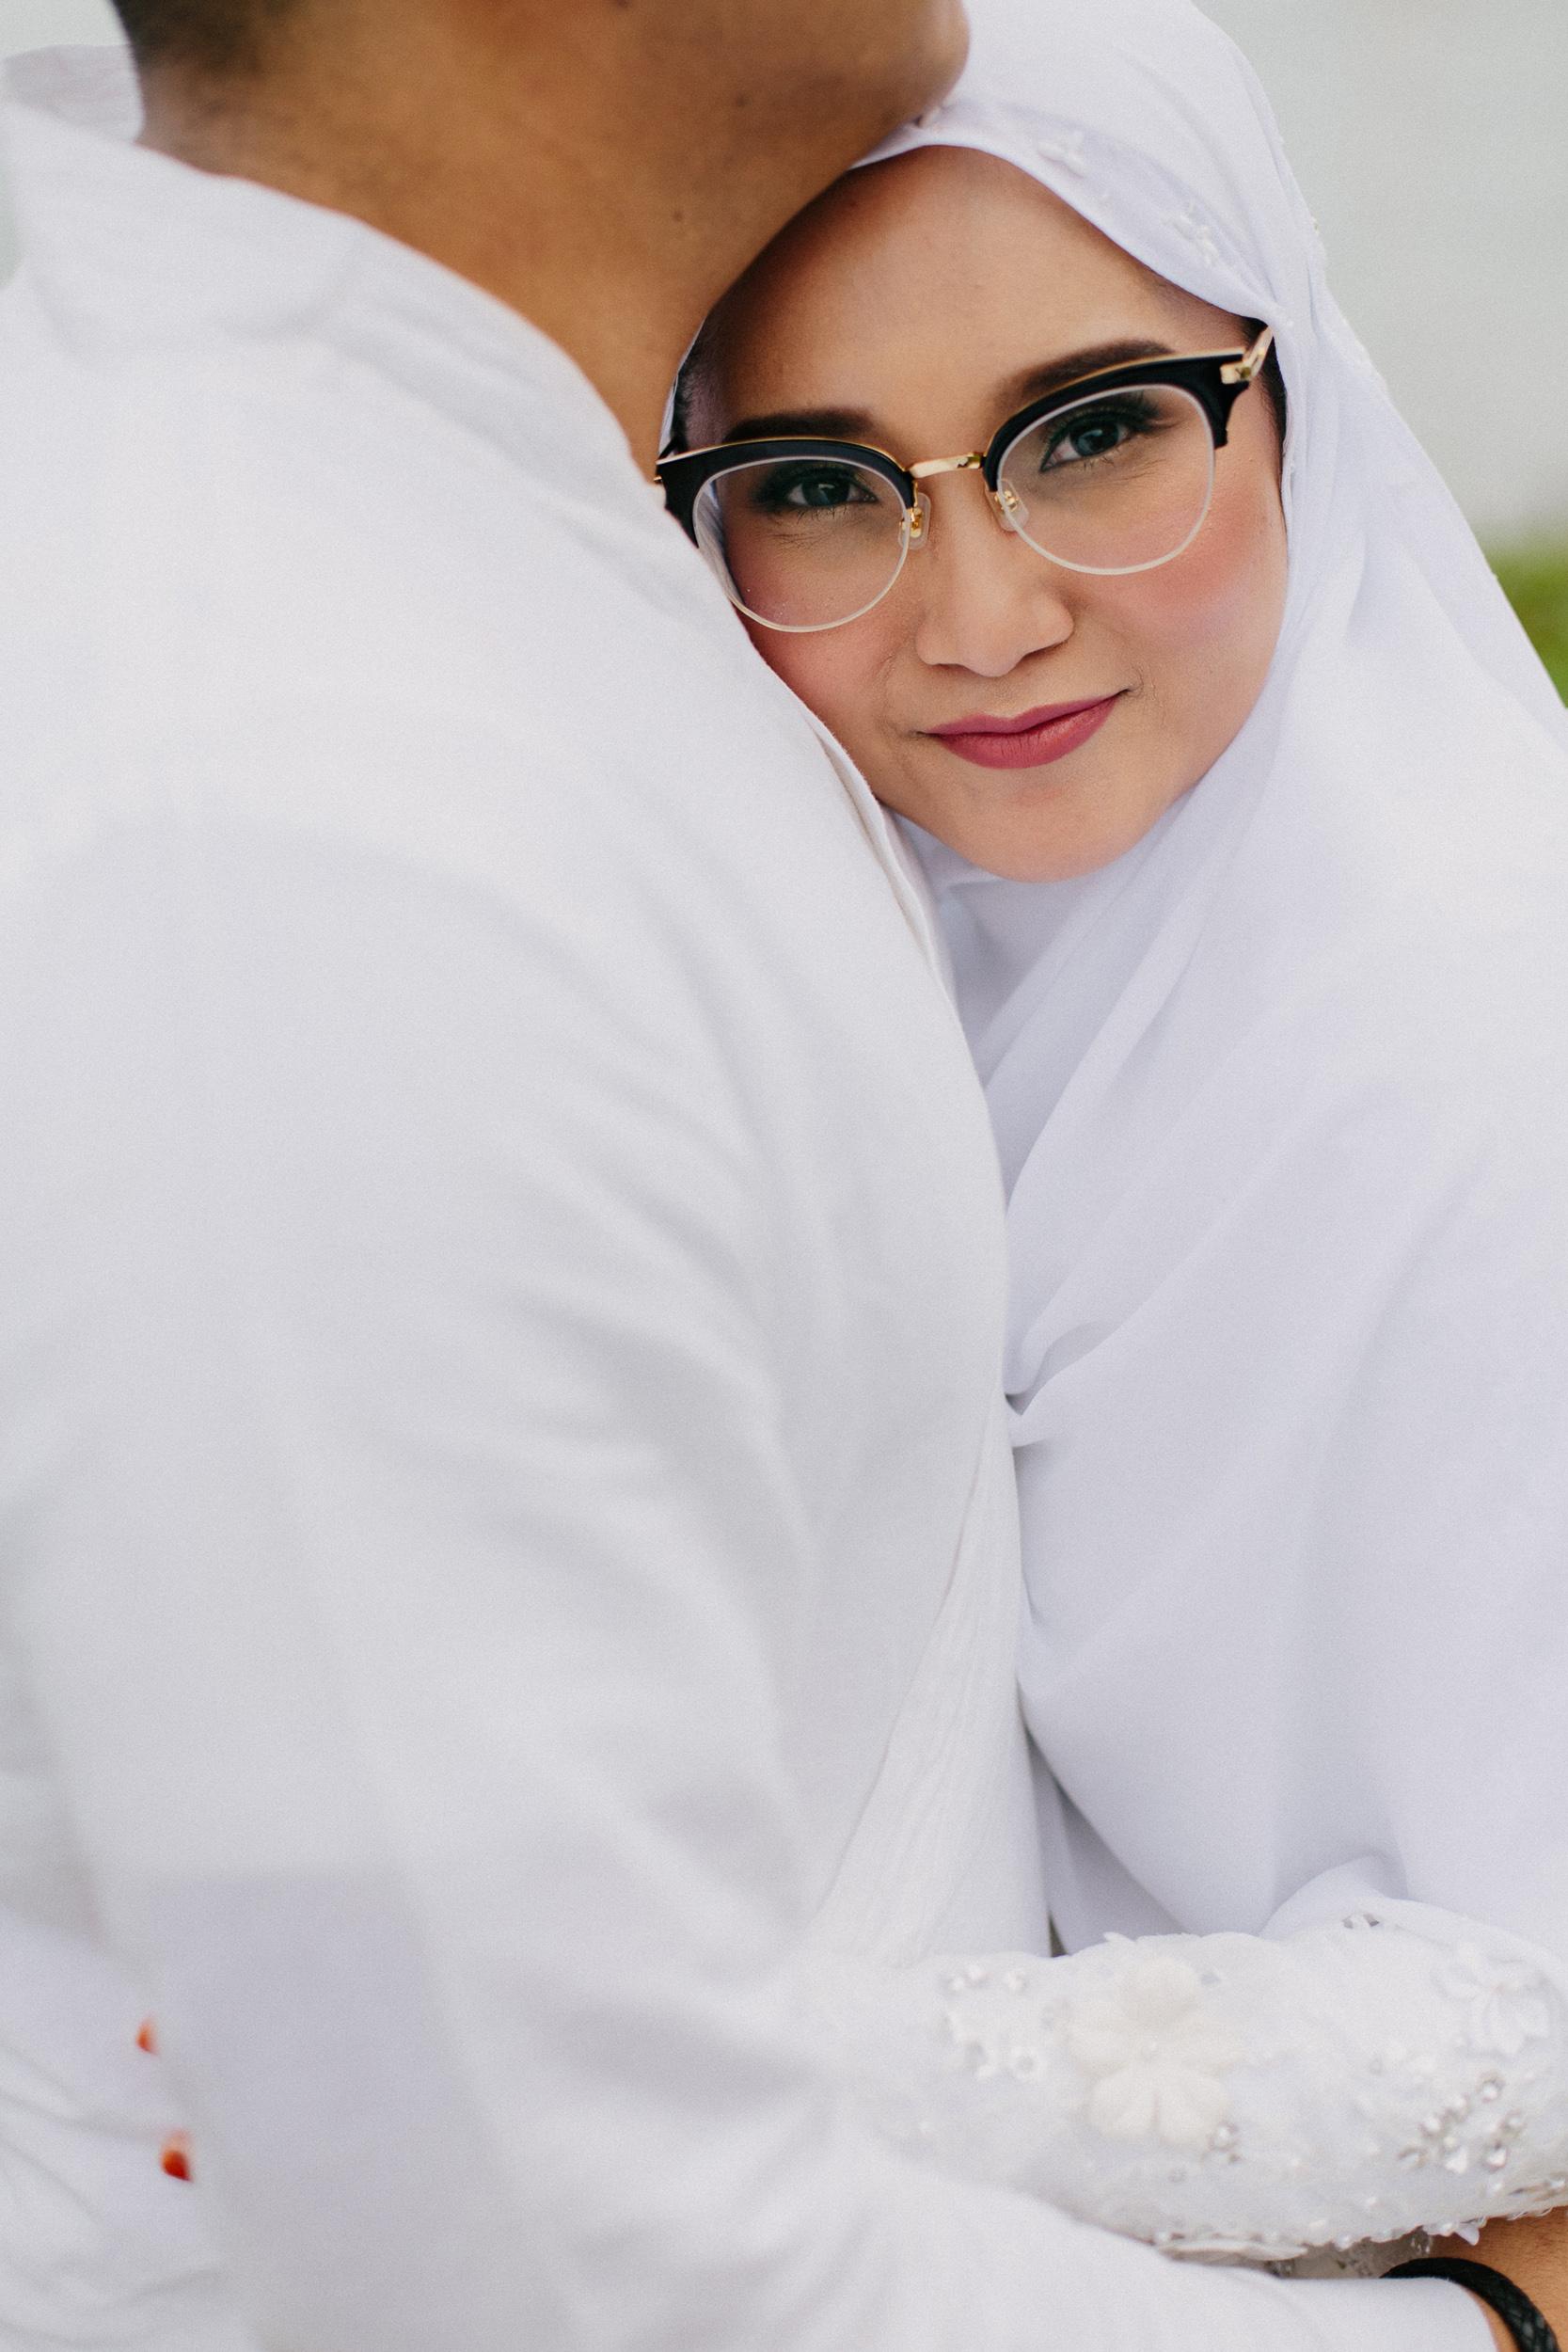 singapore-wedding-photographer-wemadethese-38.jpg